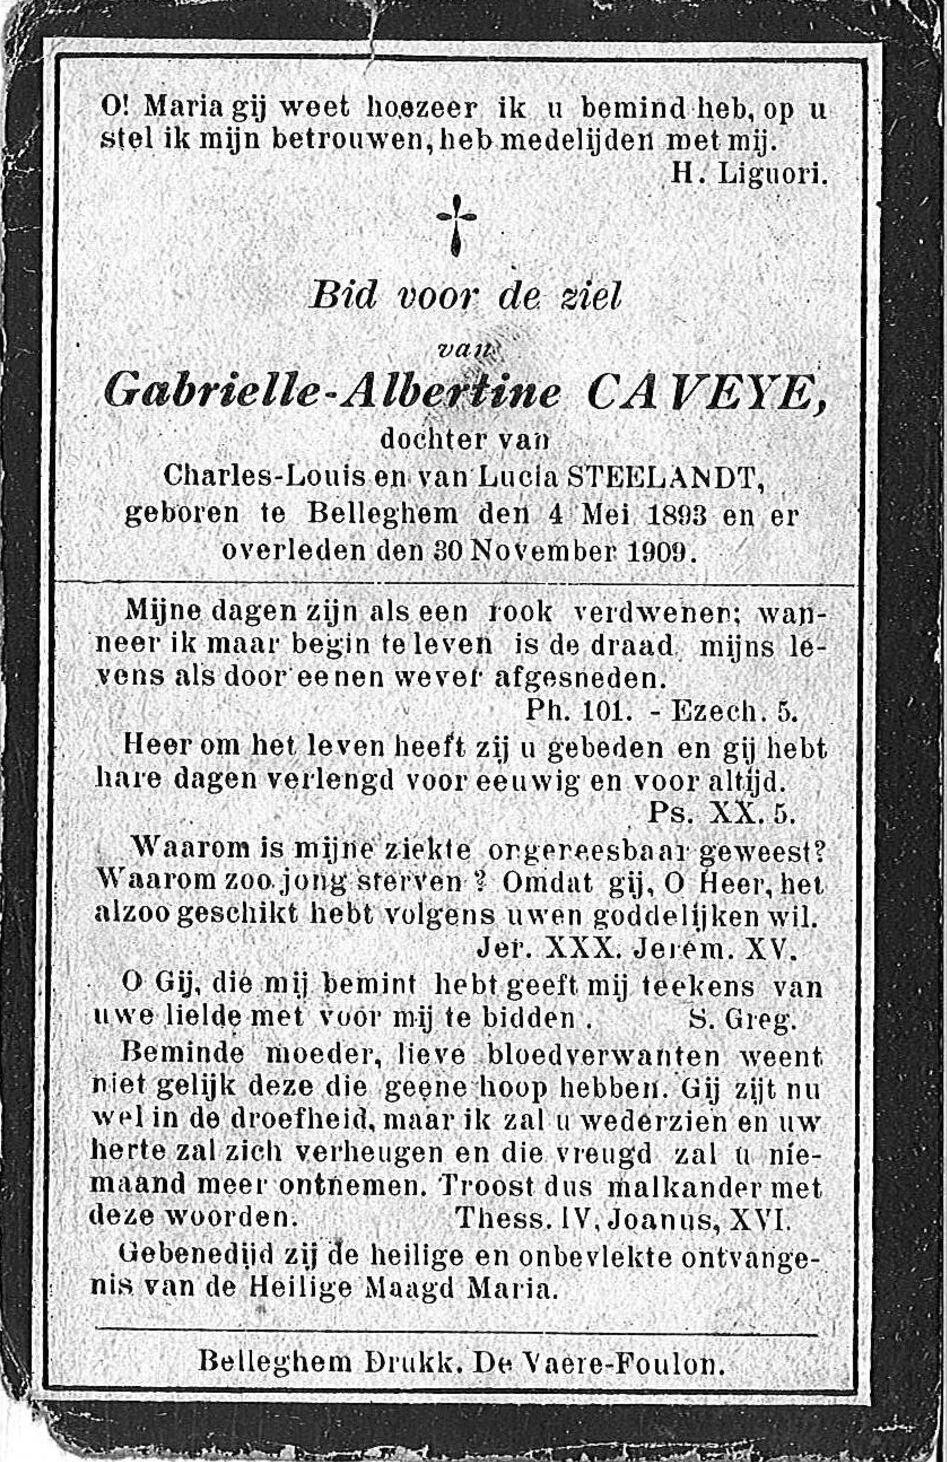 Caveye Gabrielle-Albertine